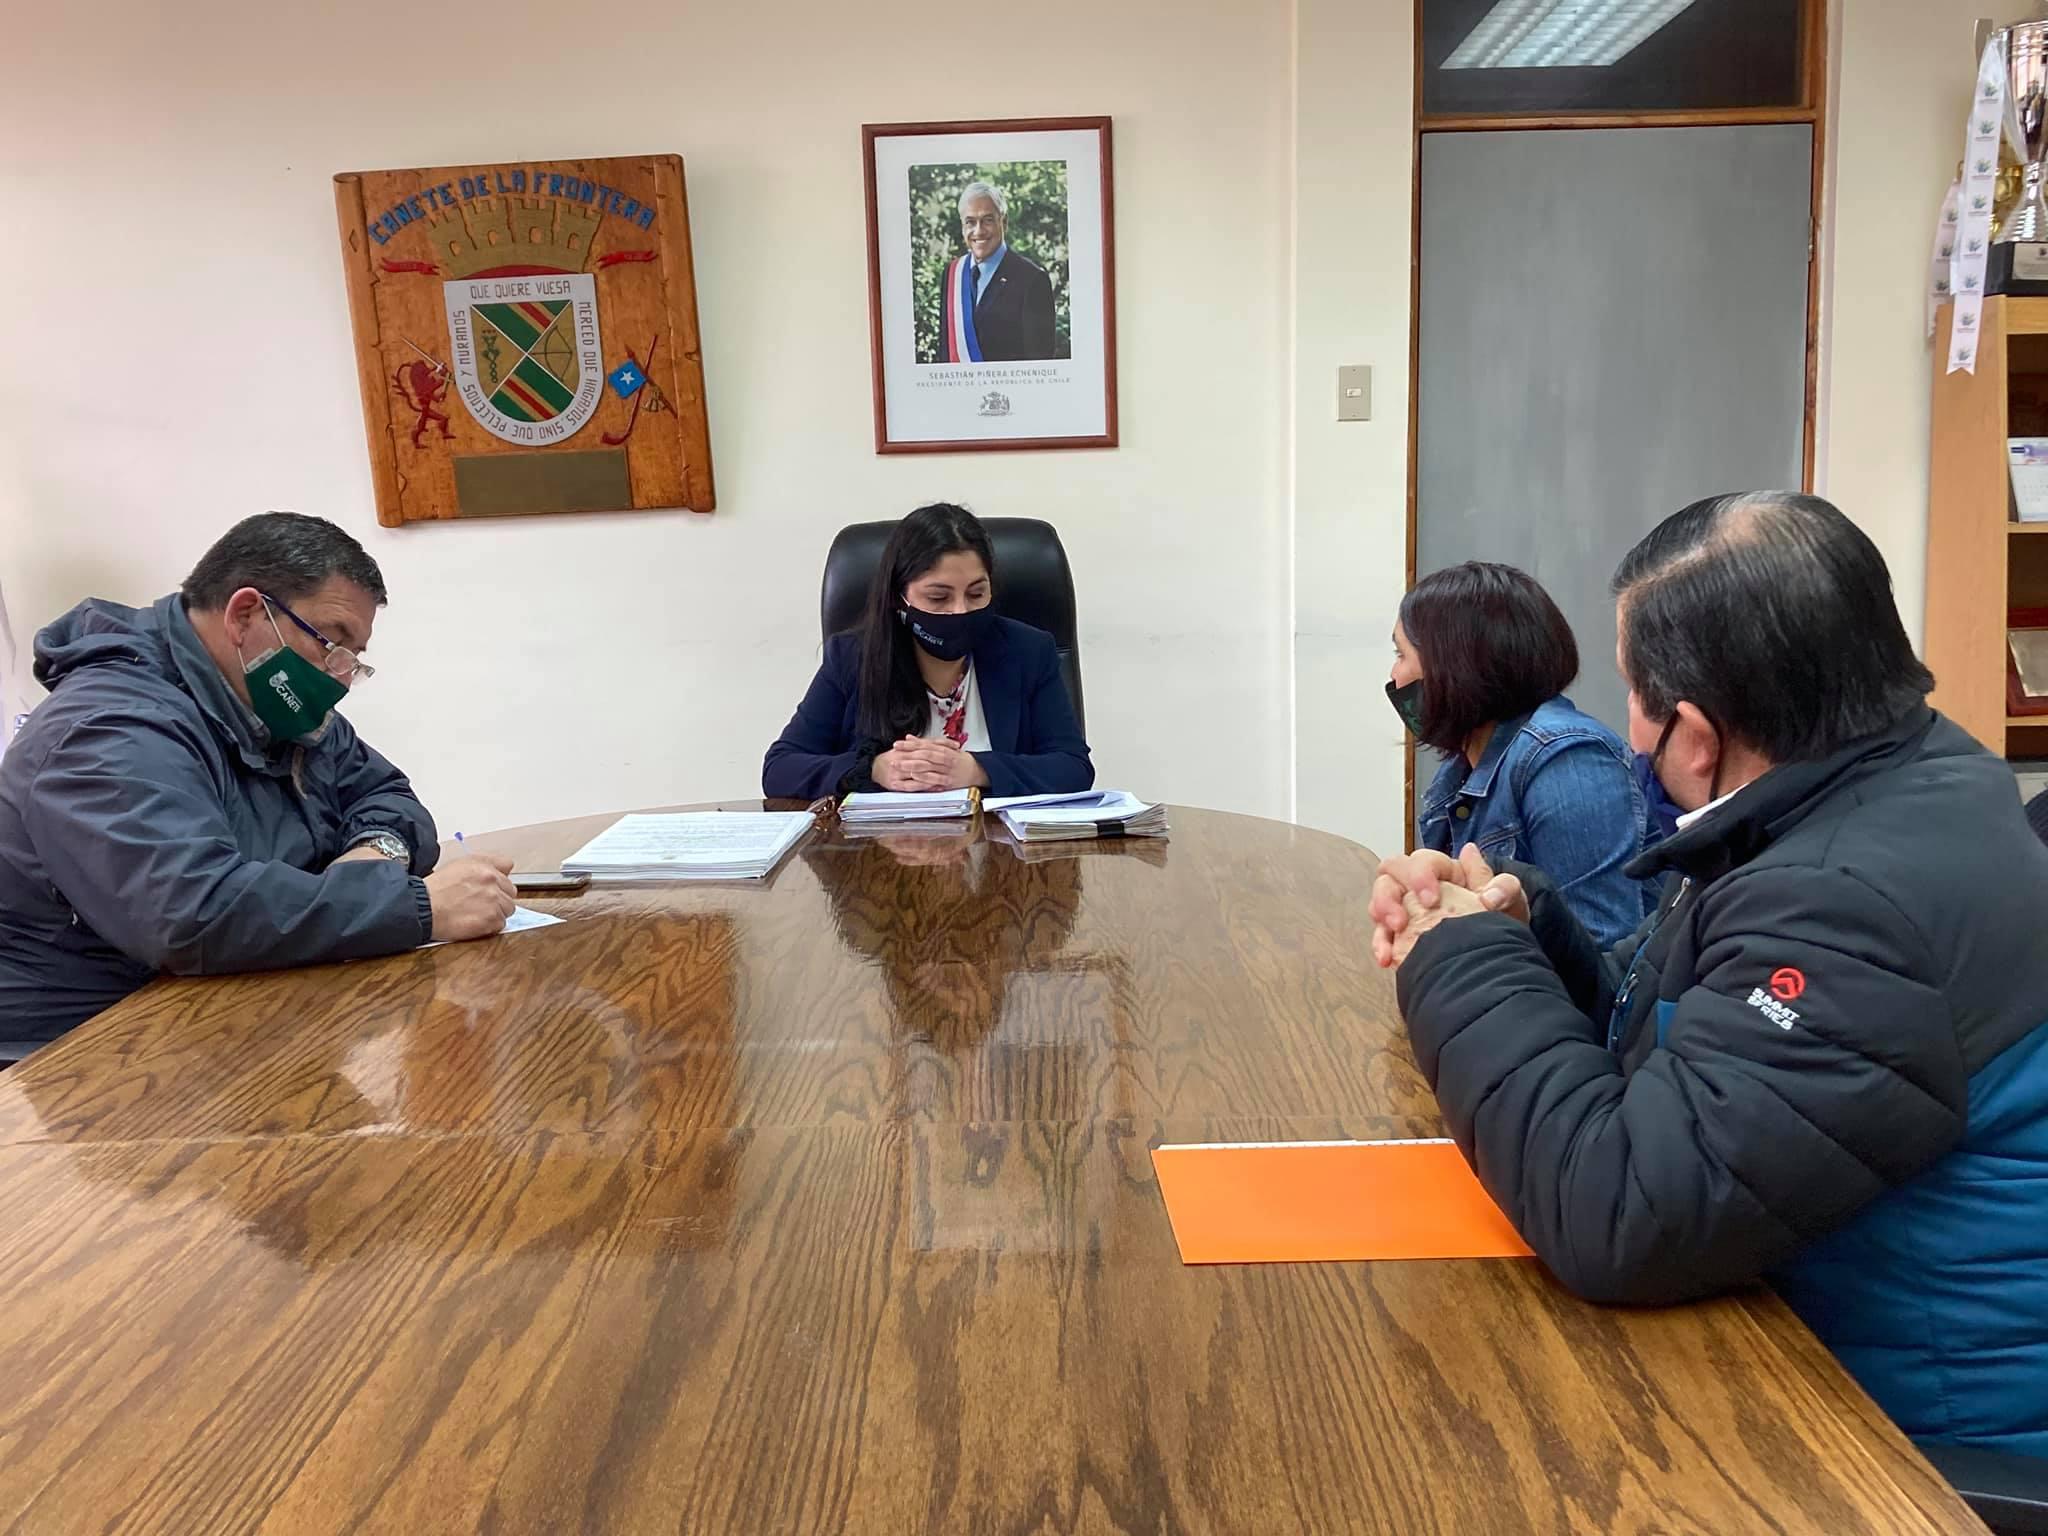 MUNICIPIO DE CAÑETE SE REÚNE CON LA CÁMARA DE COMERCIO PARA EVALUAR PROPUESTAS EN EL MARCO DE LA PANDEMIA